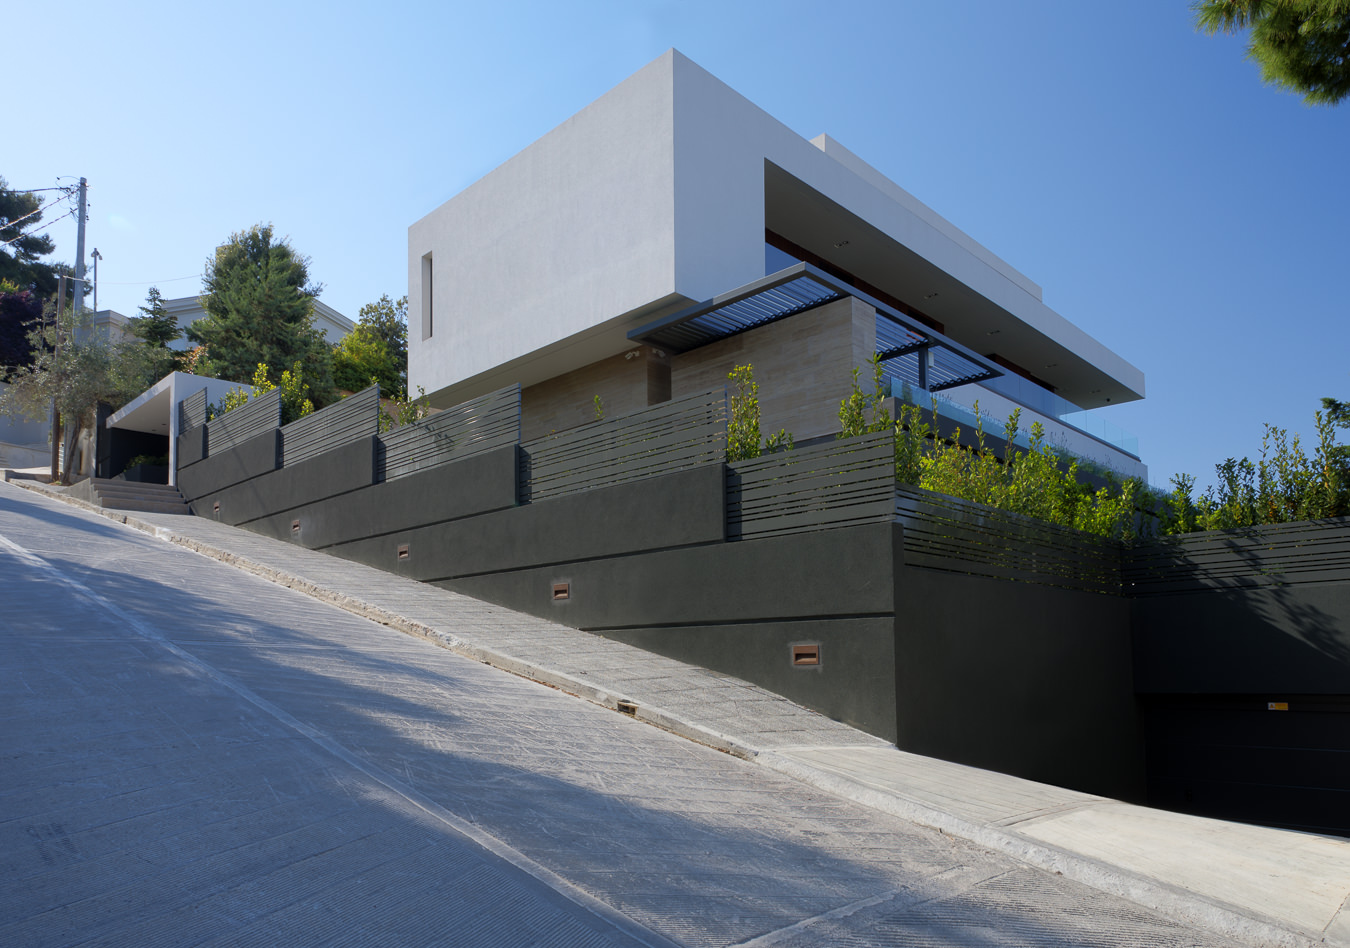 PRISMATIC COMPOSITION, Γιώργος Φάκαρος - Αρχιτεκτονική Φωτογραφία | Εσωτερικοί Χώροι | Φωτογραφία Ξενοδοχειών - Photography / Φωτογραφία